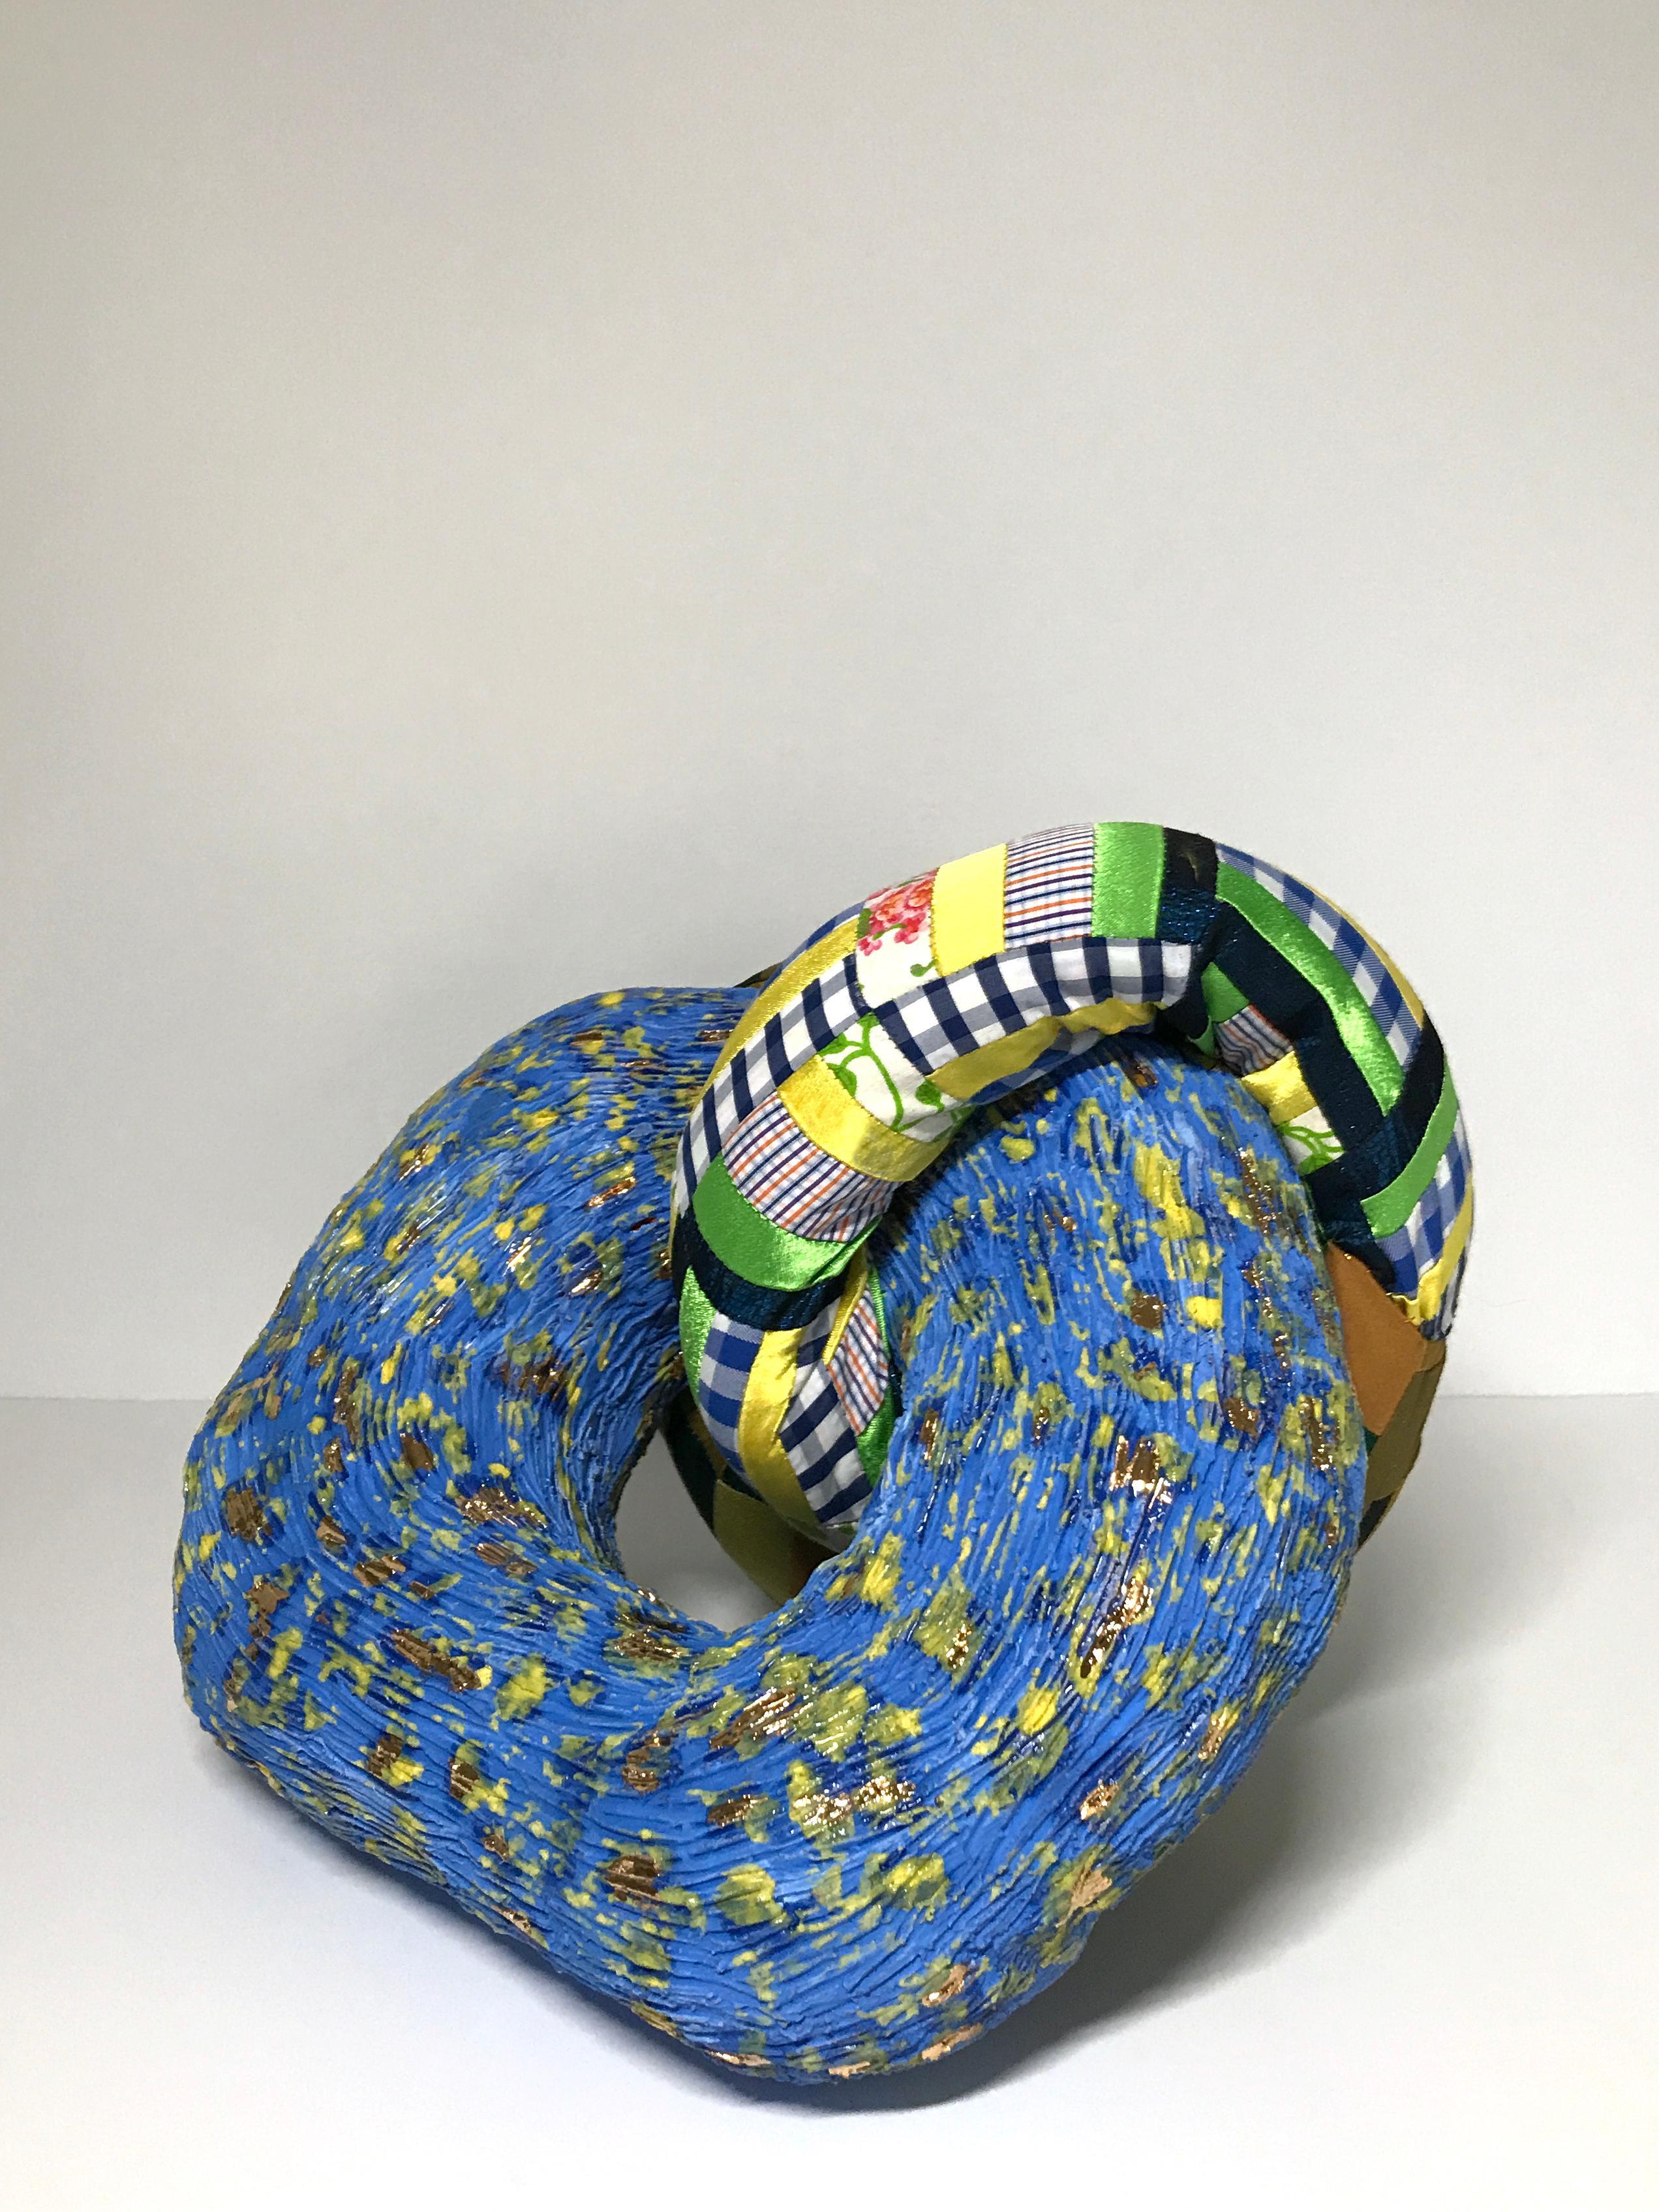 Ceramic and textile sculpture: 'No. 9'